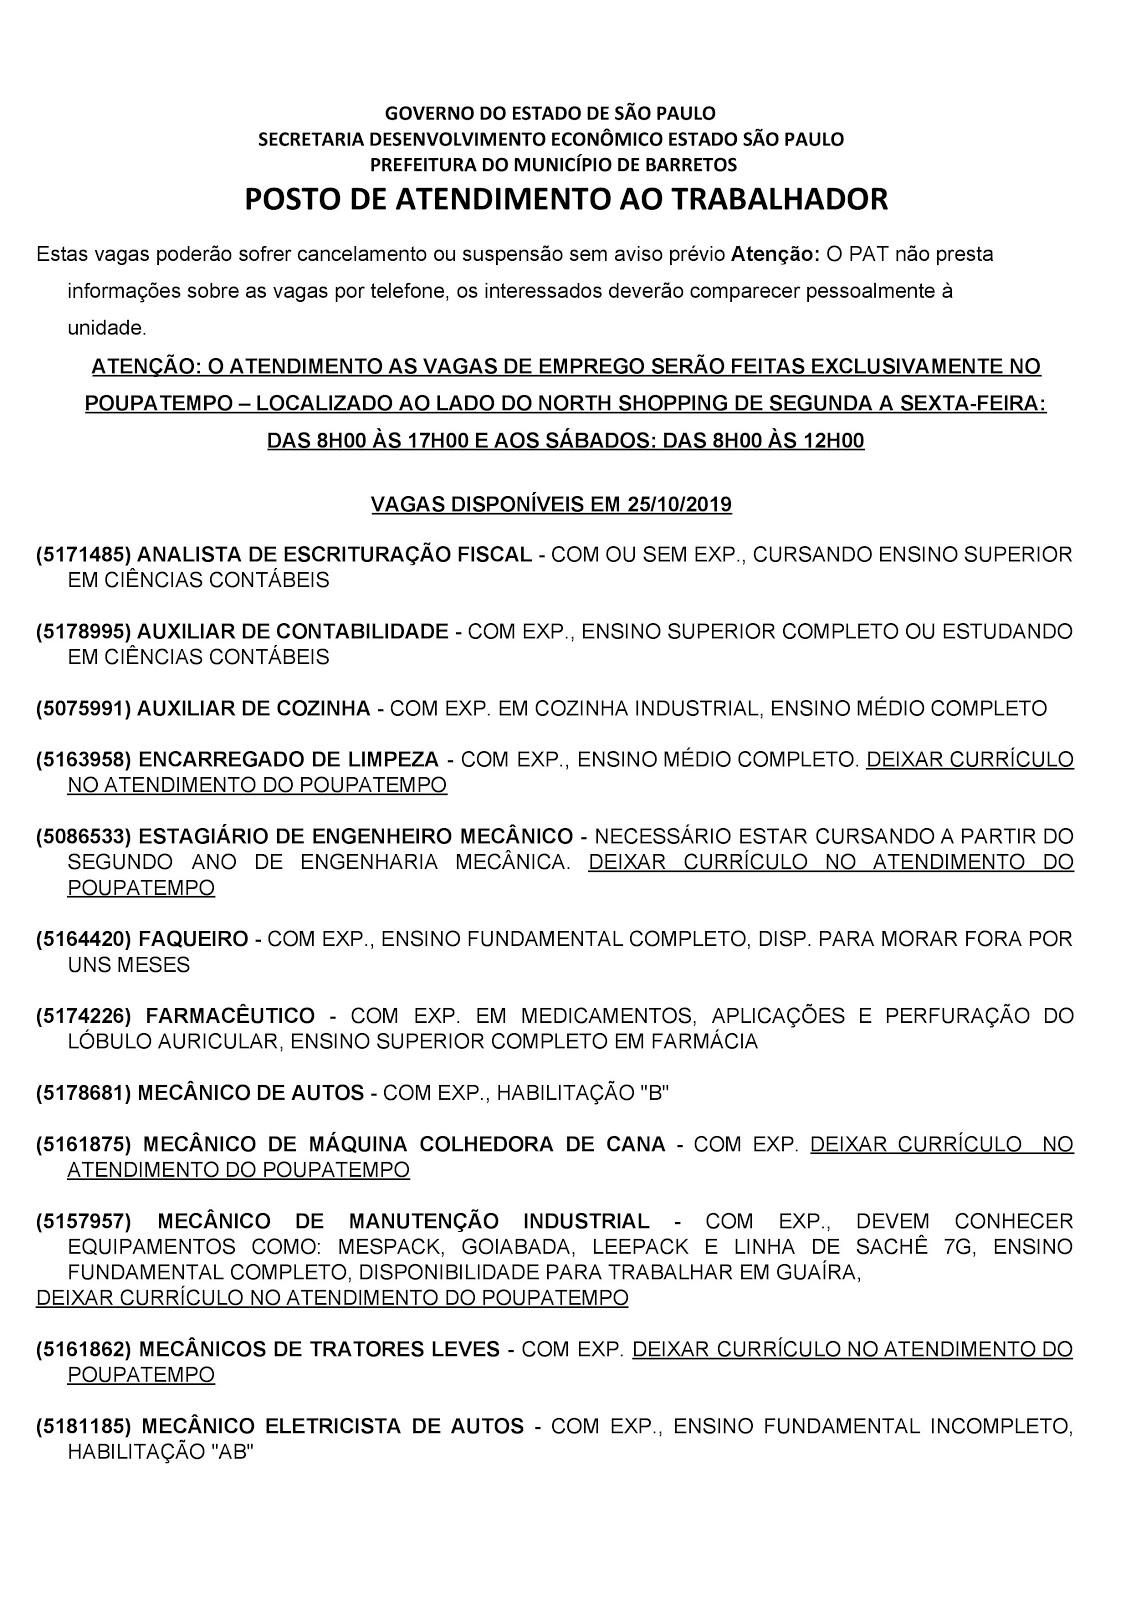 VAGAS DE EMPREGO DO PAT BARRETOS-SP 25/10/2019